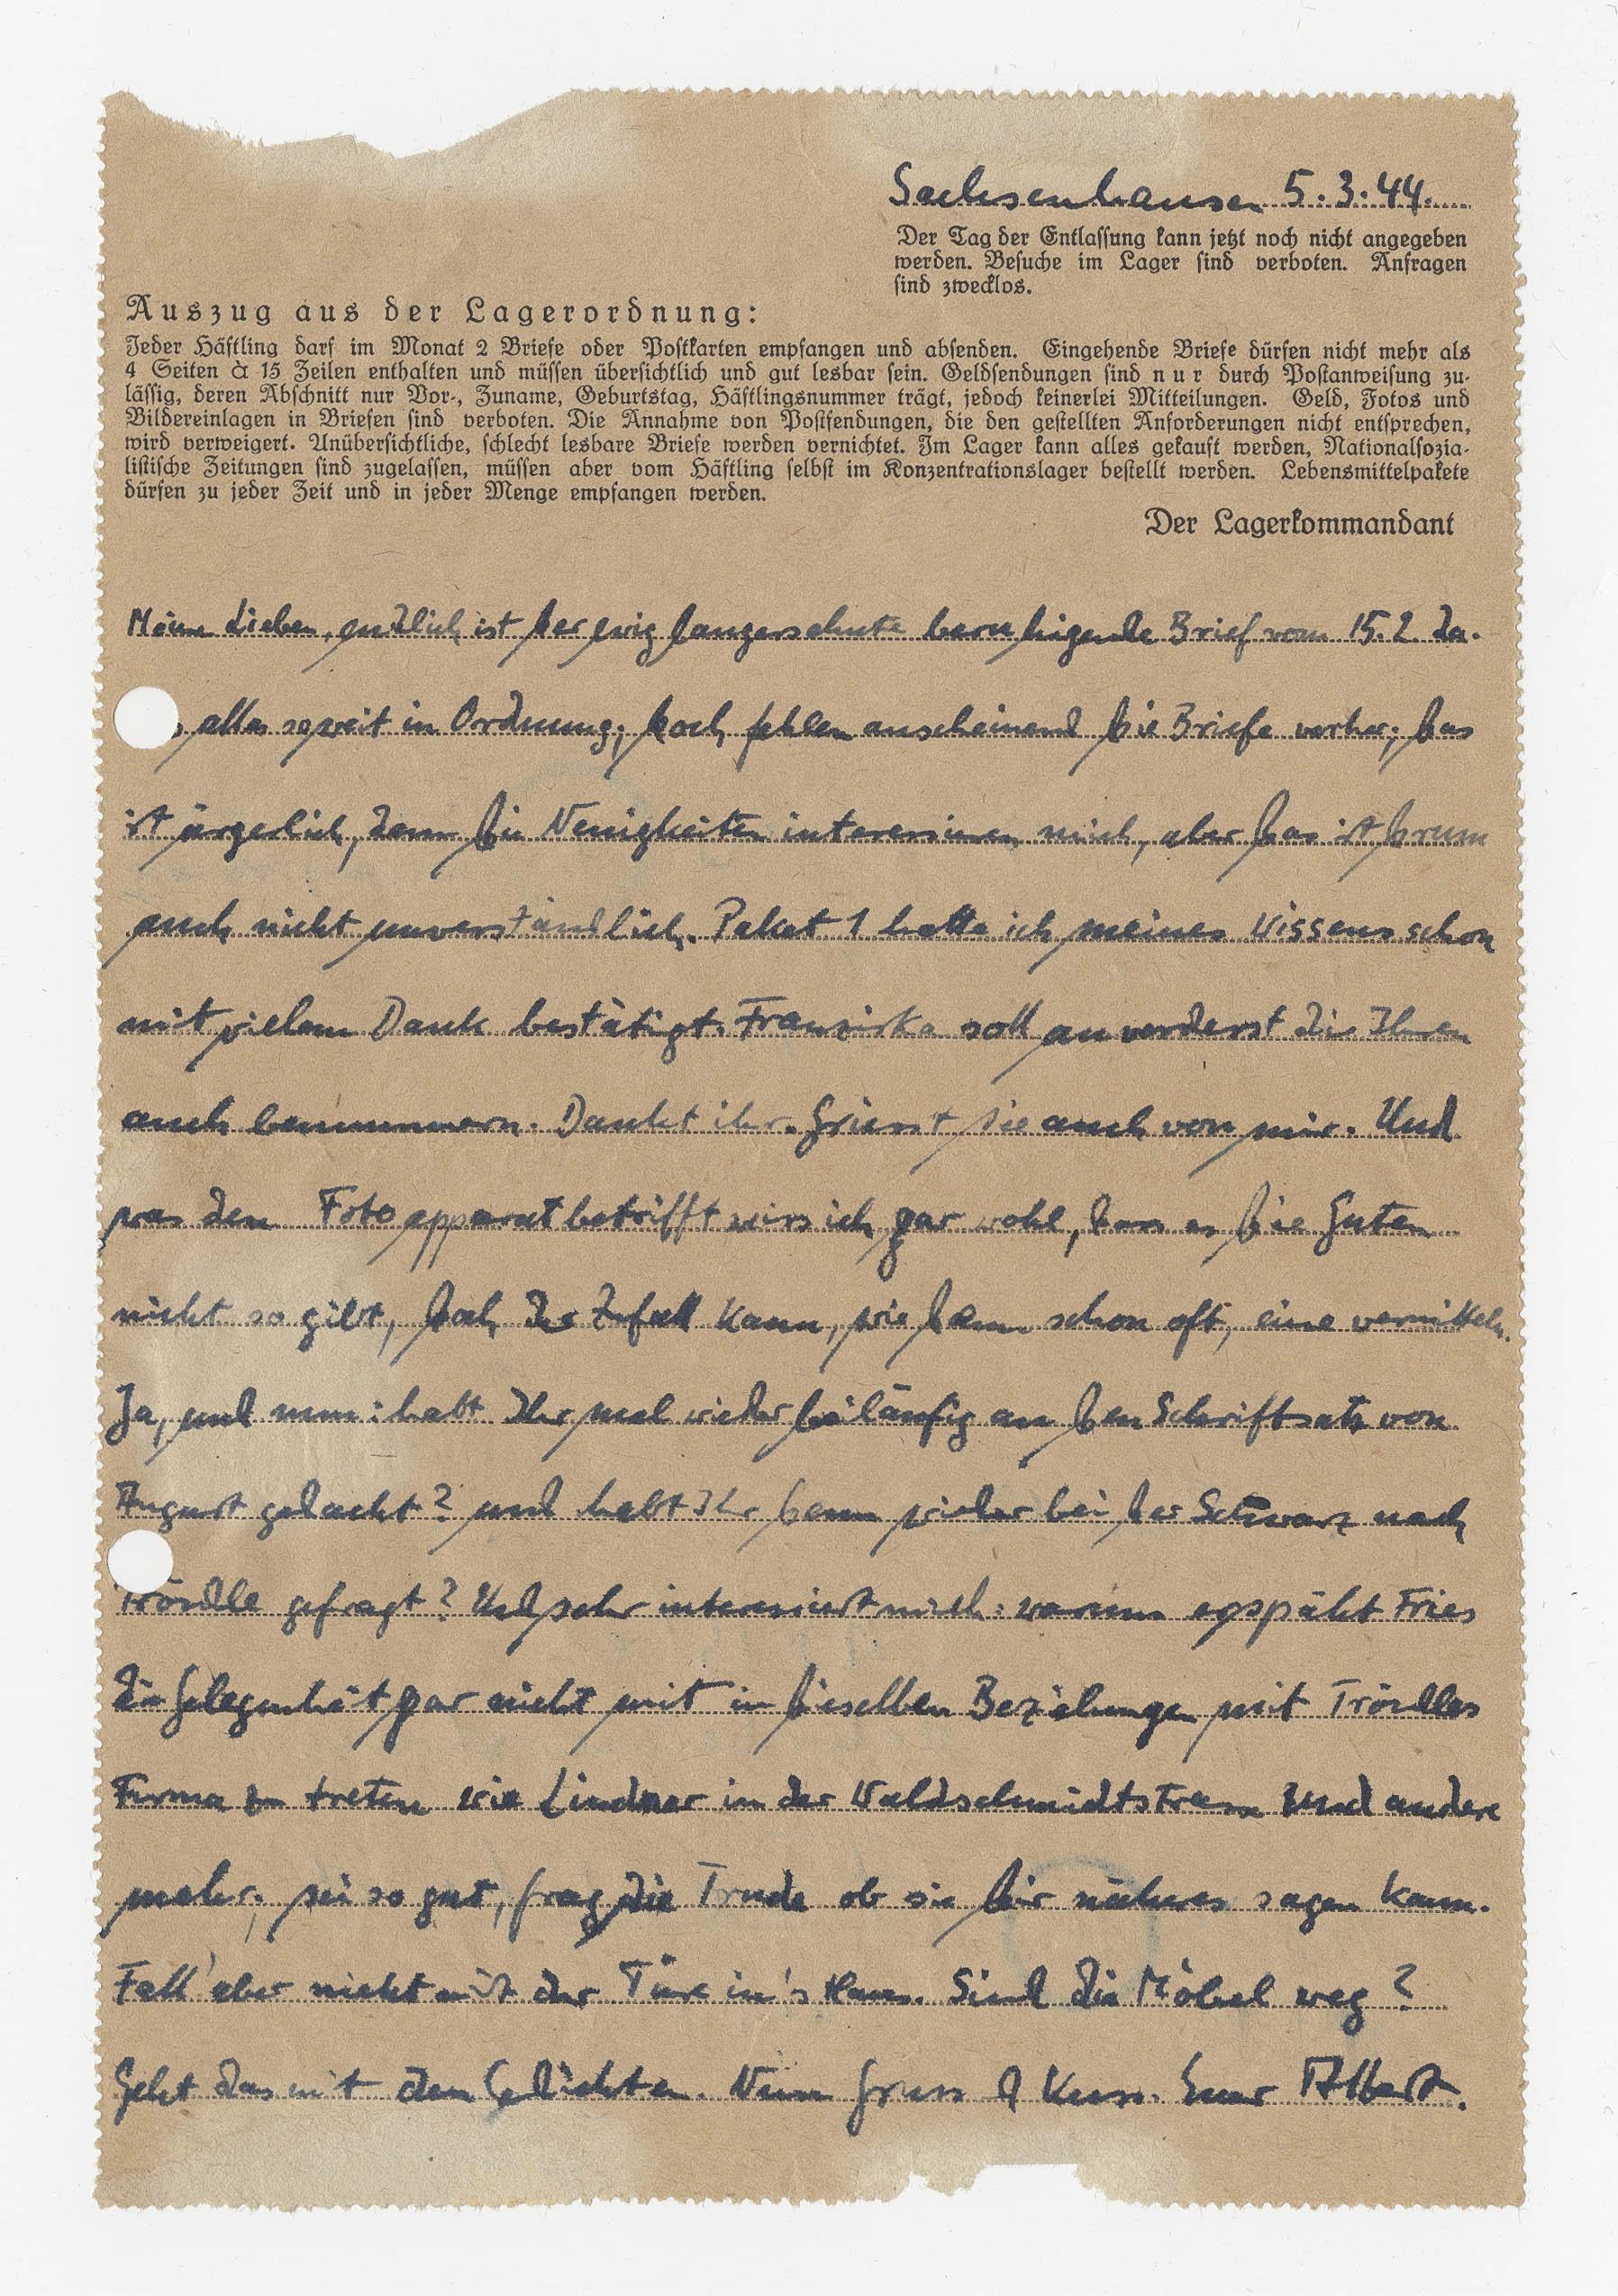 Len Frankfurt letter from christel albert to christel family in frankfurt